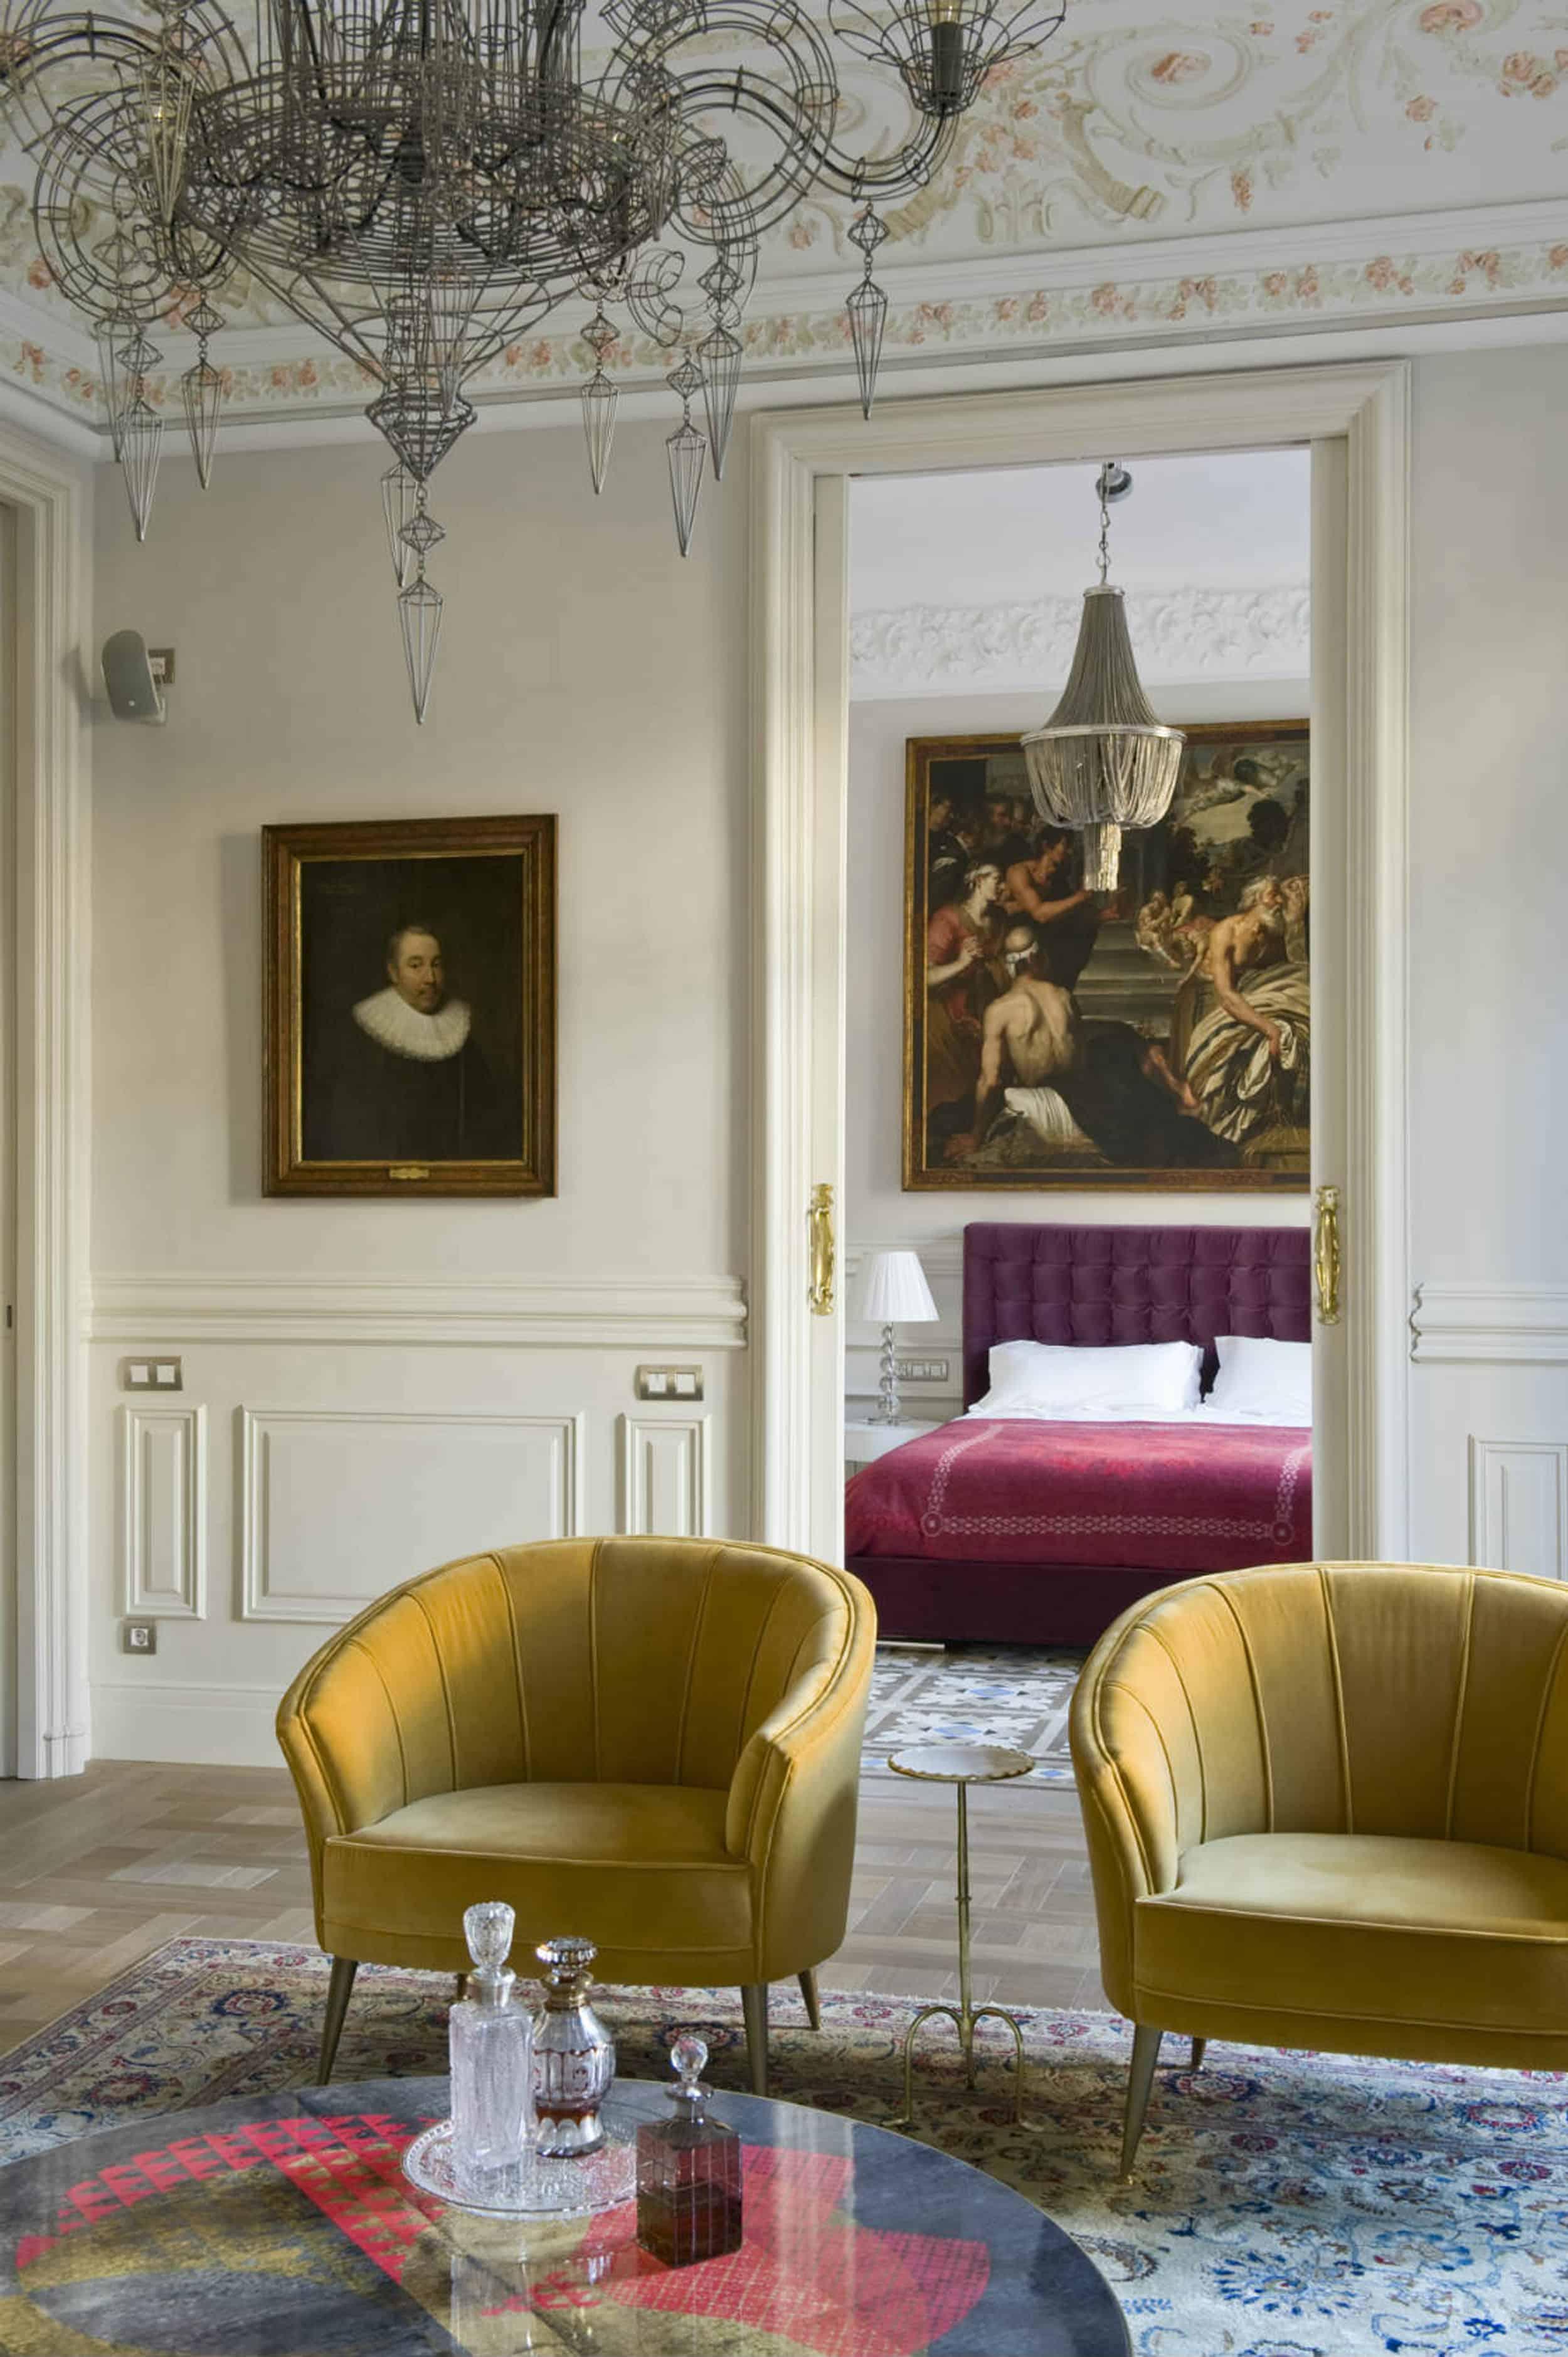 Emily Henderson Modern Victorian Trend Eclectic Boho Moody Velvet Tufted Fringe Detailed Dramatic Living Room Bedroom 5